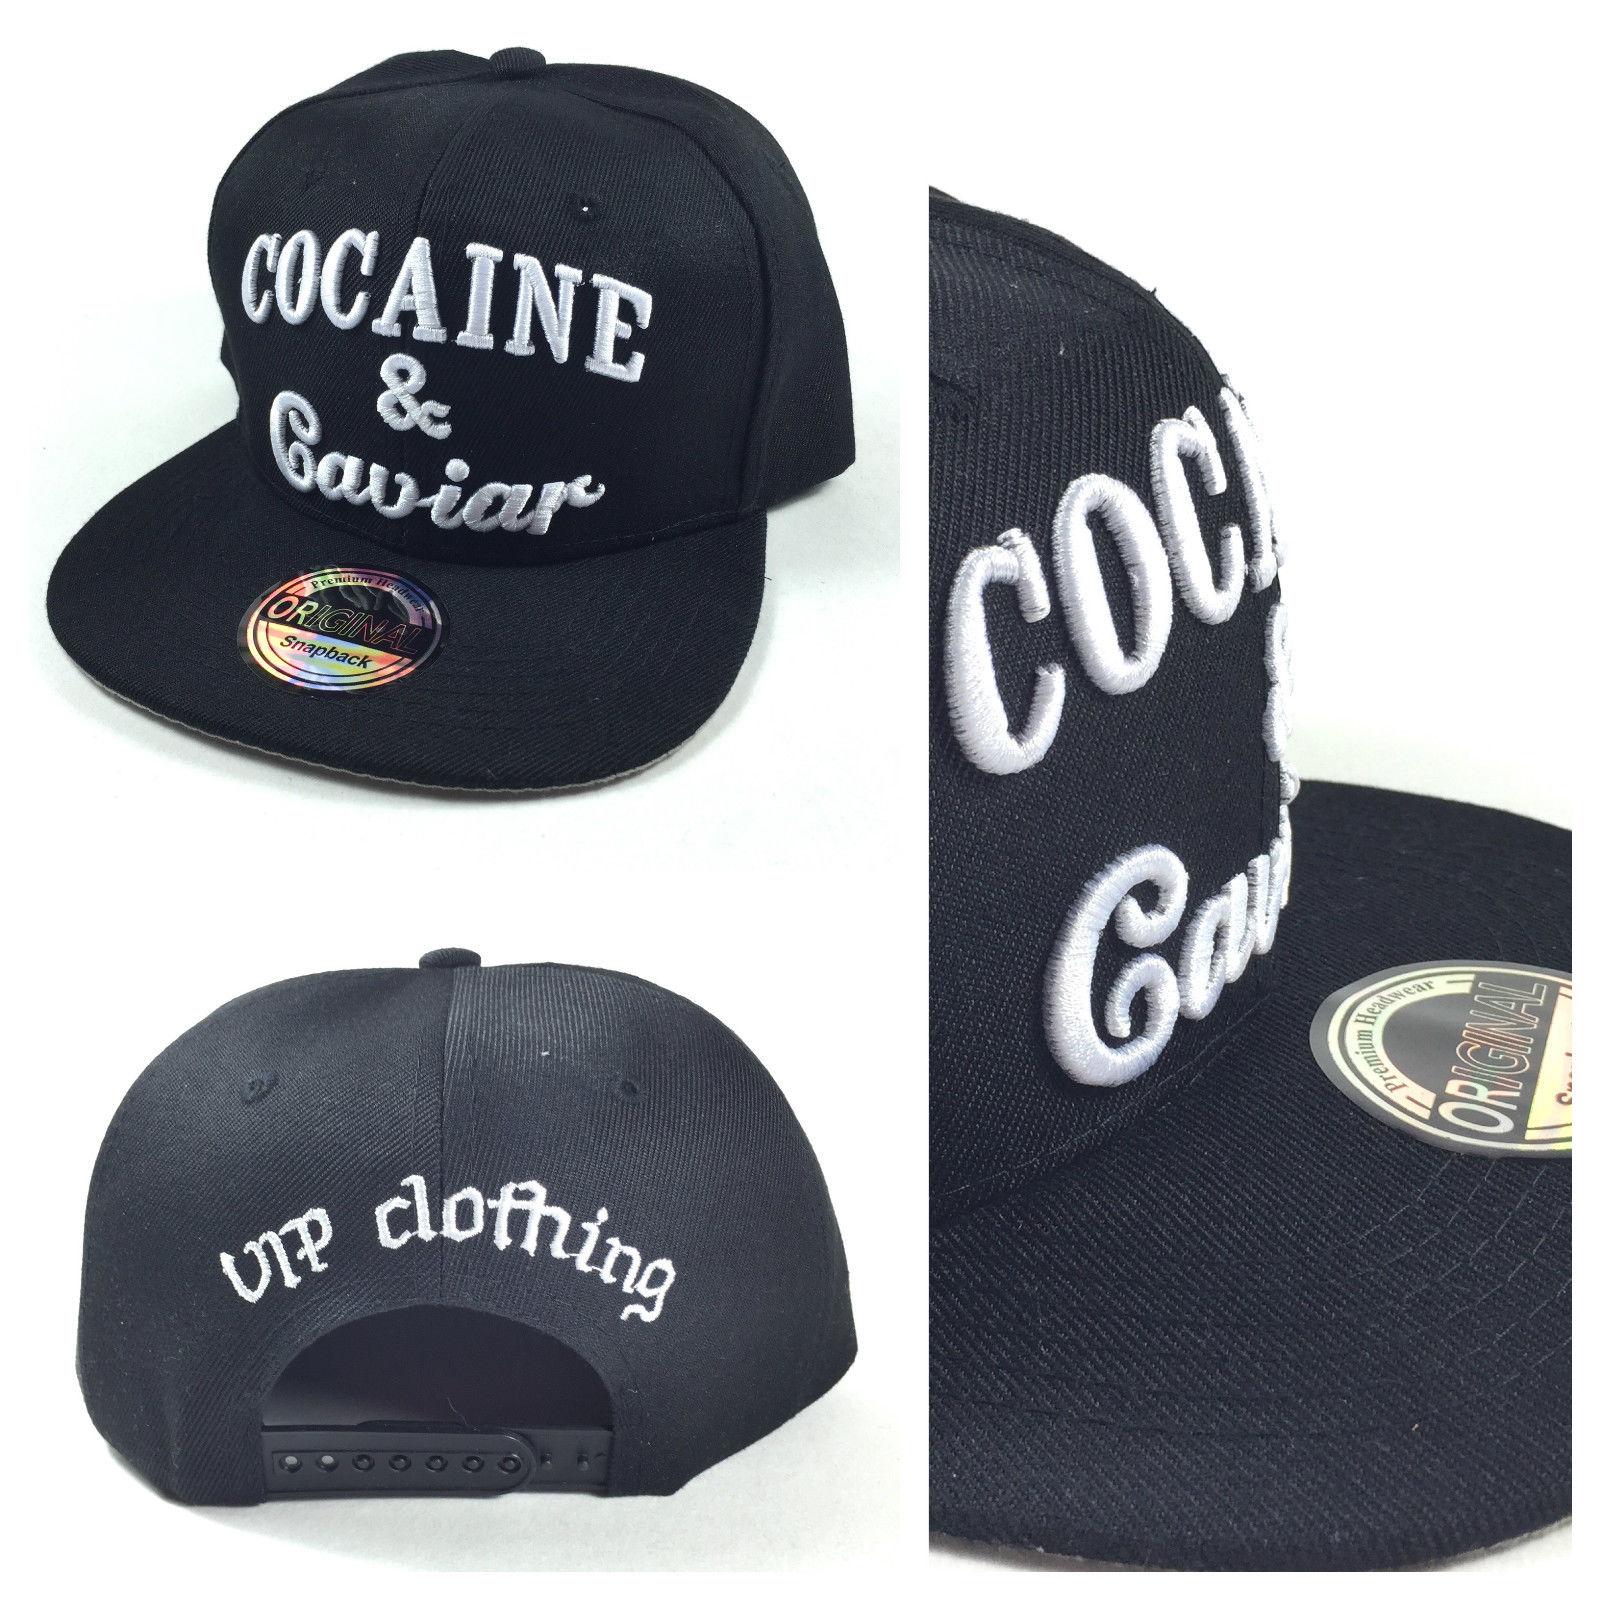 Cocaine & Caviar černá kšiltovka